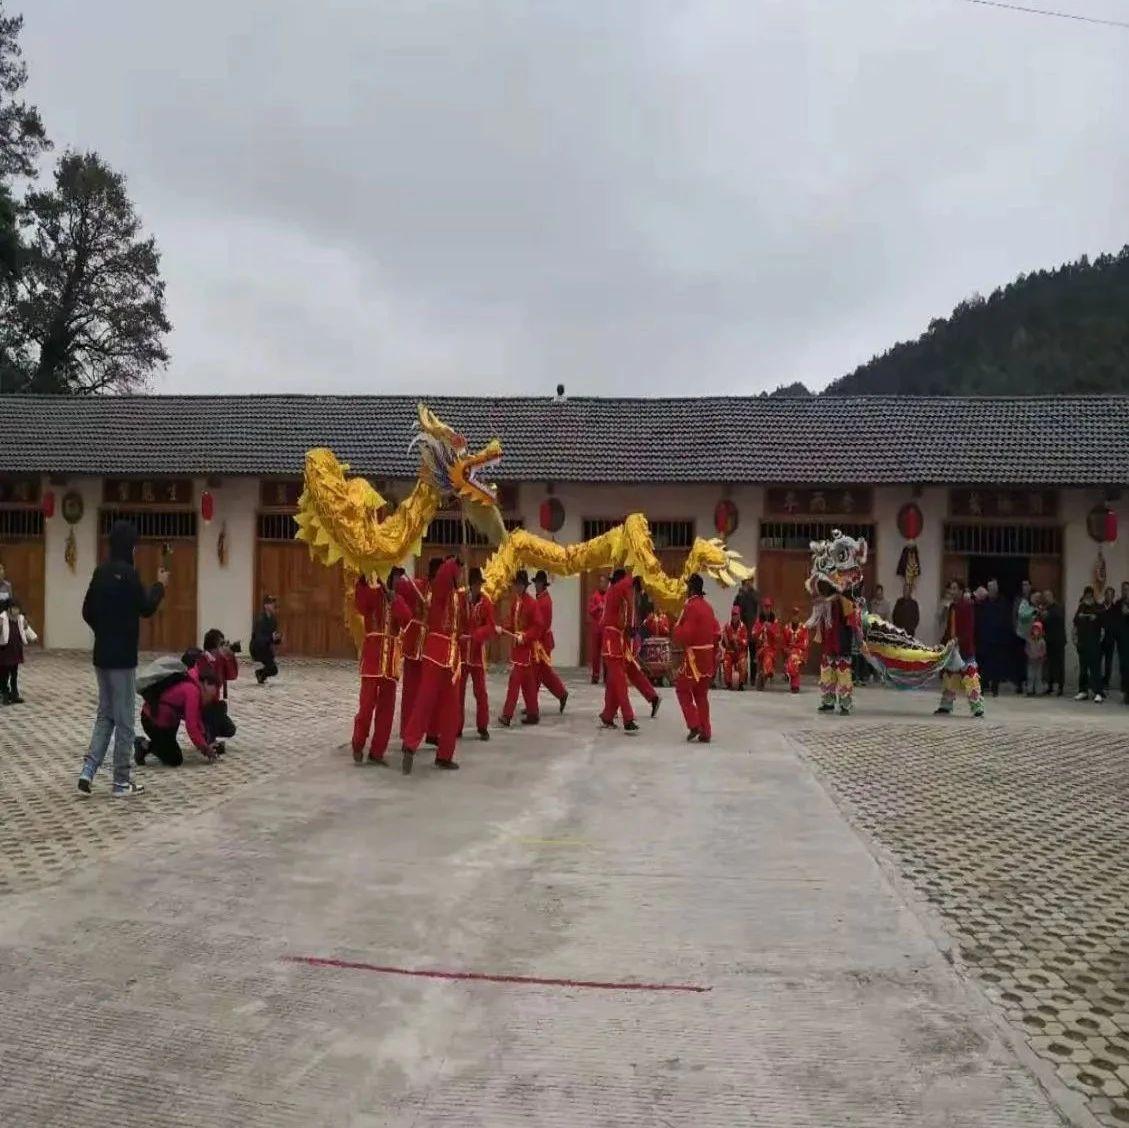 江西省赣州市万隆乡举办